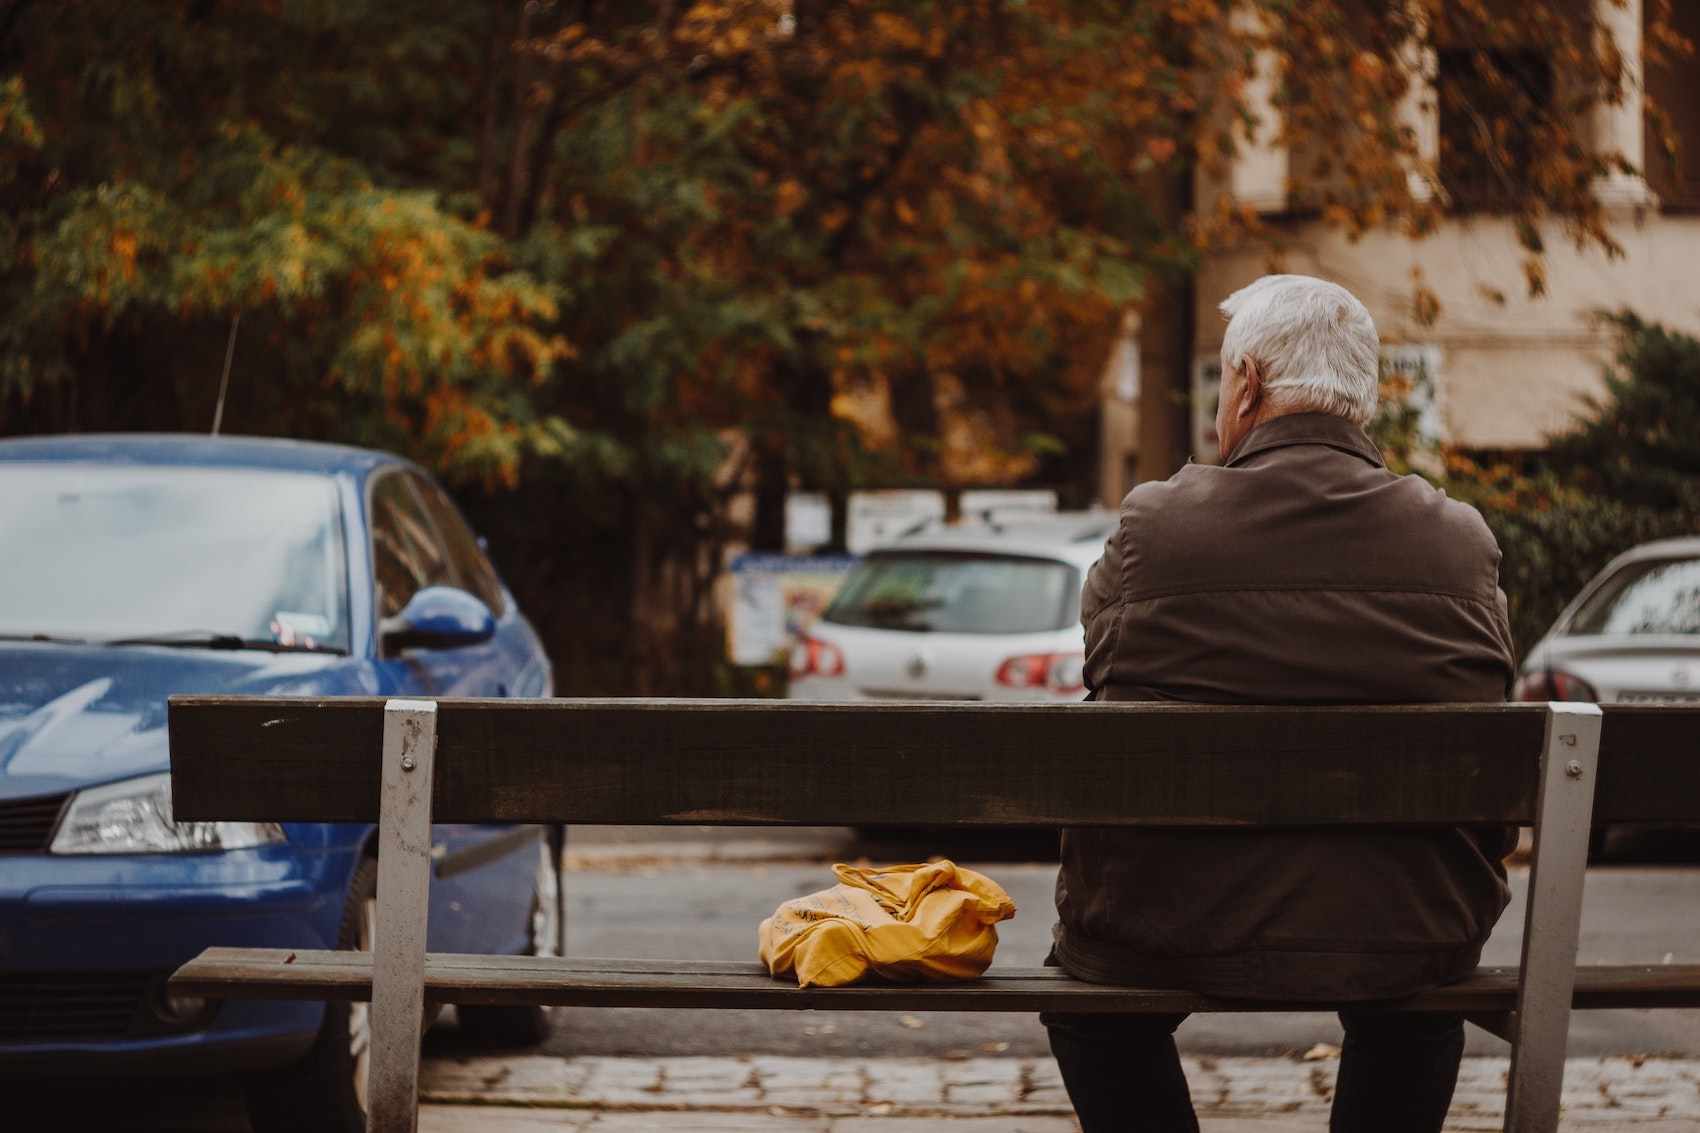 Vi ser en ældre mand bagfra, der sidder på en bænk